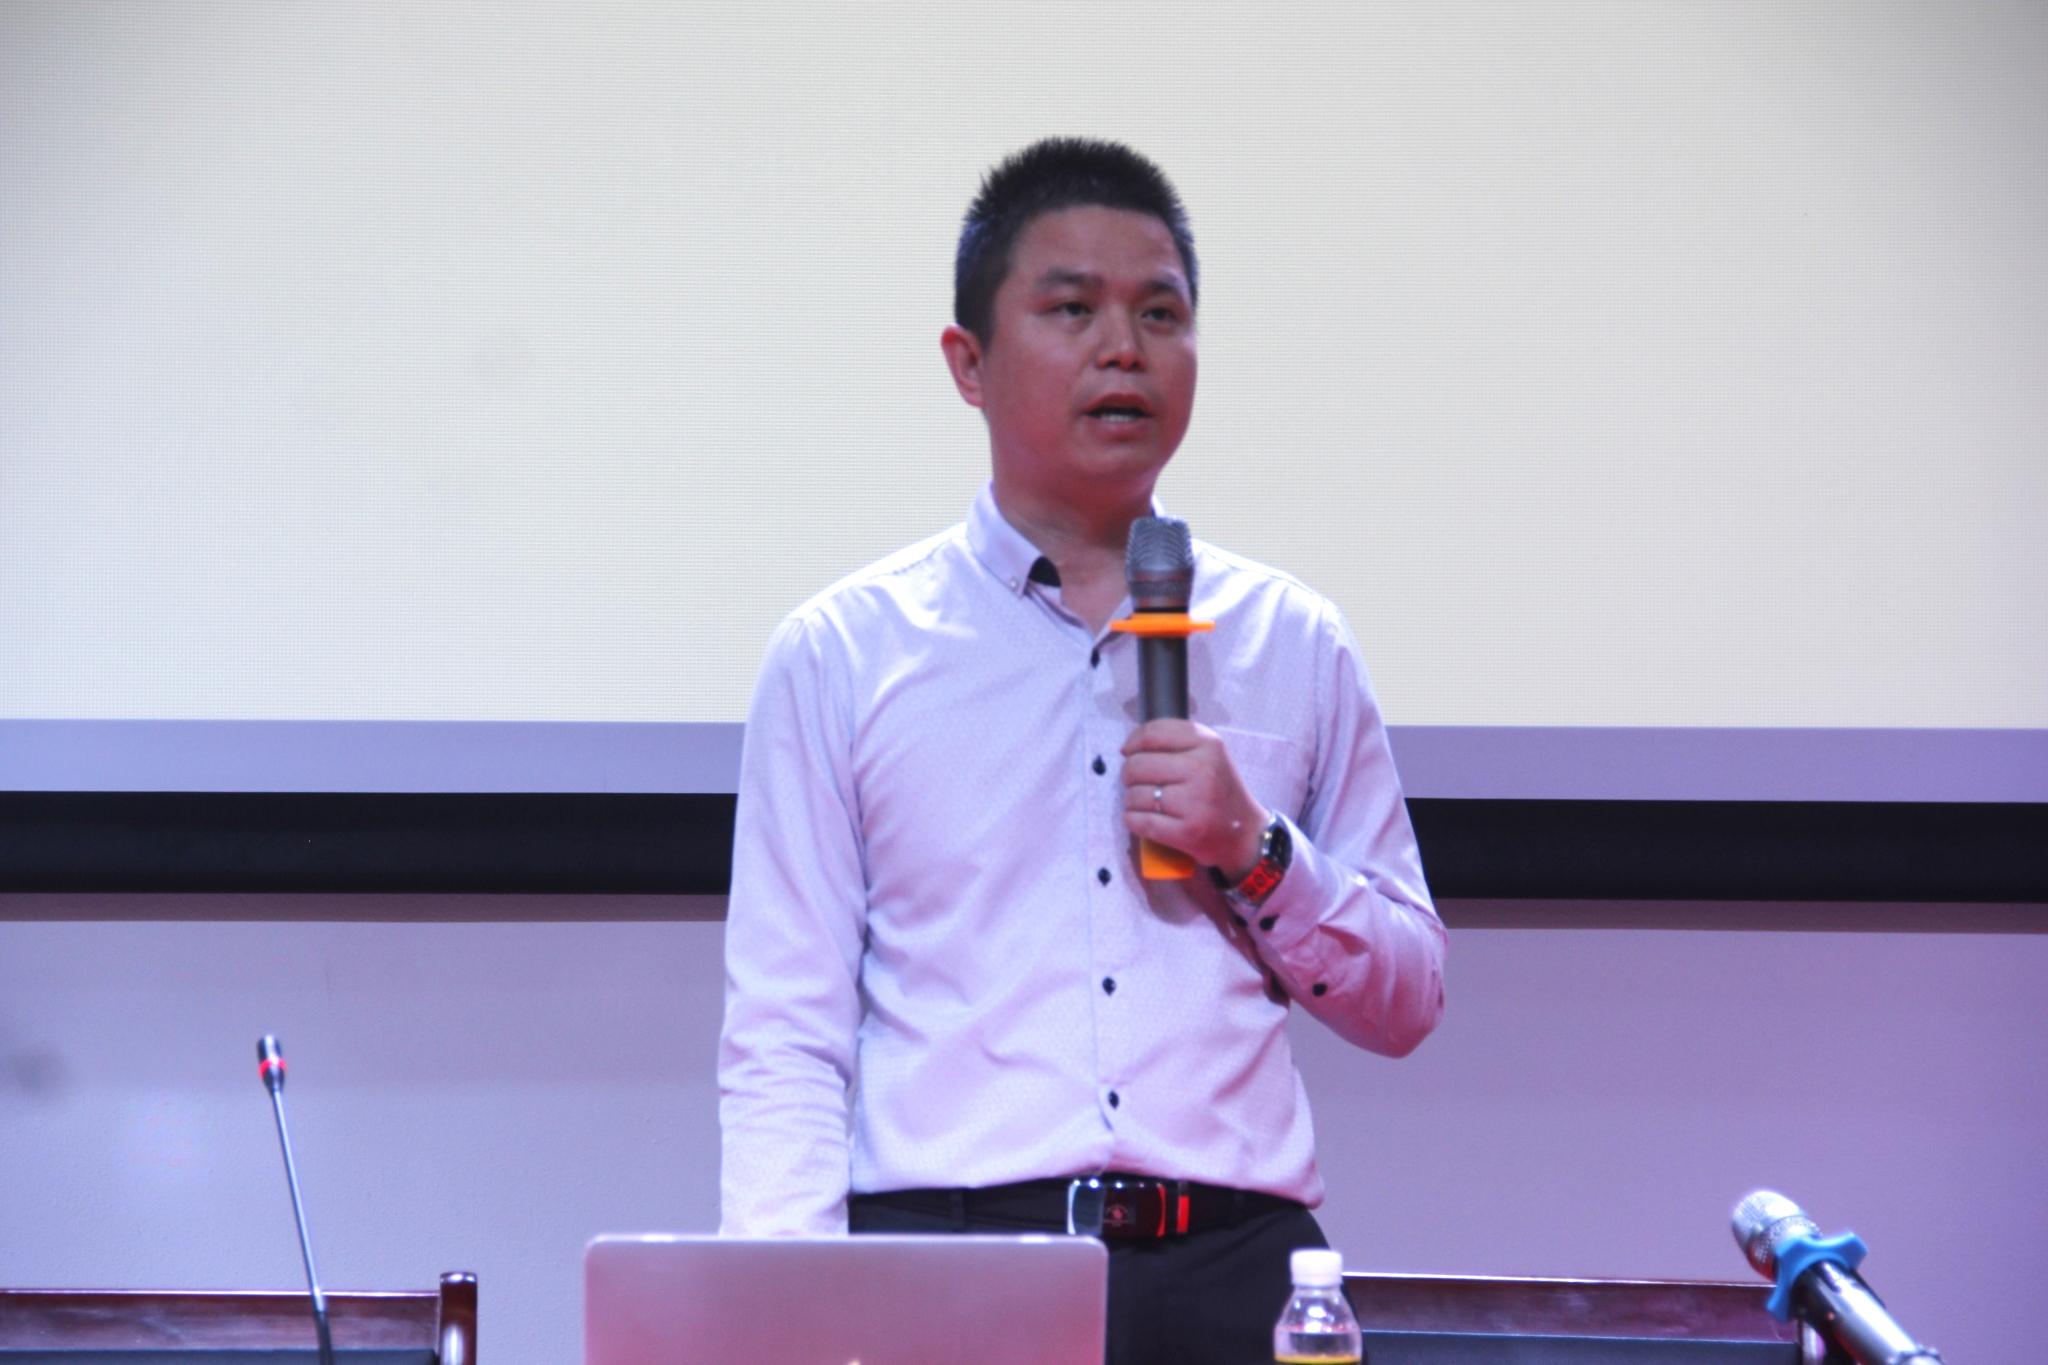 践行十九大精神 做创新青年 文学院系列讲座之创新创业专题讲座